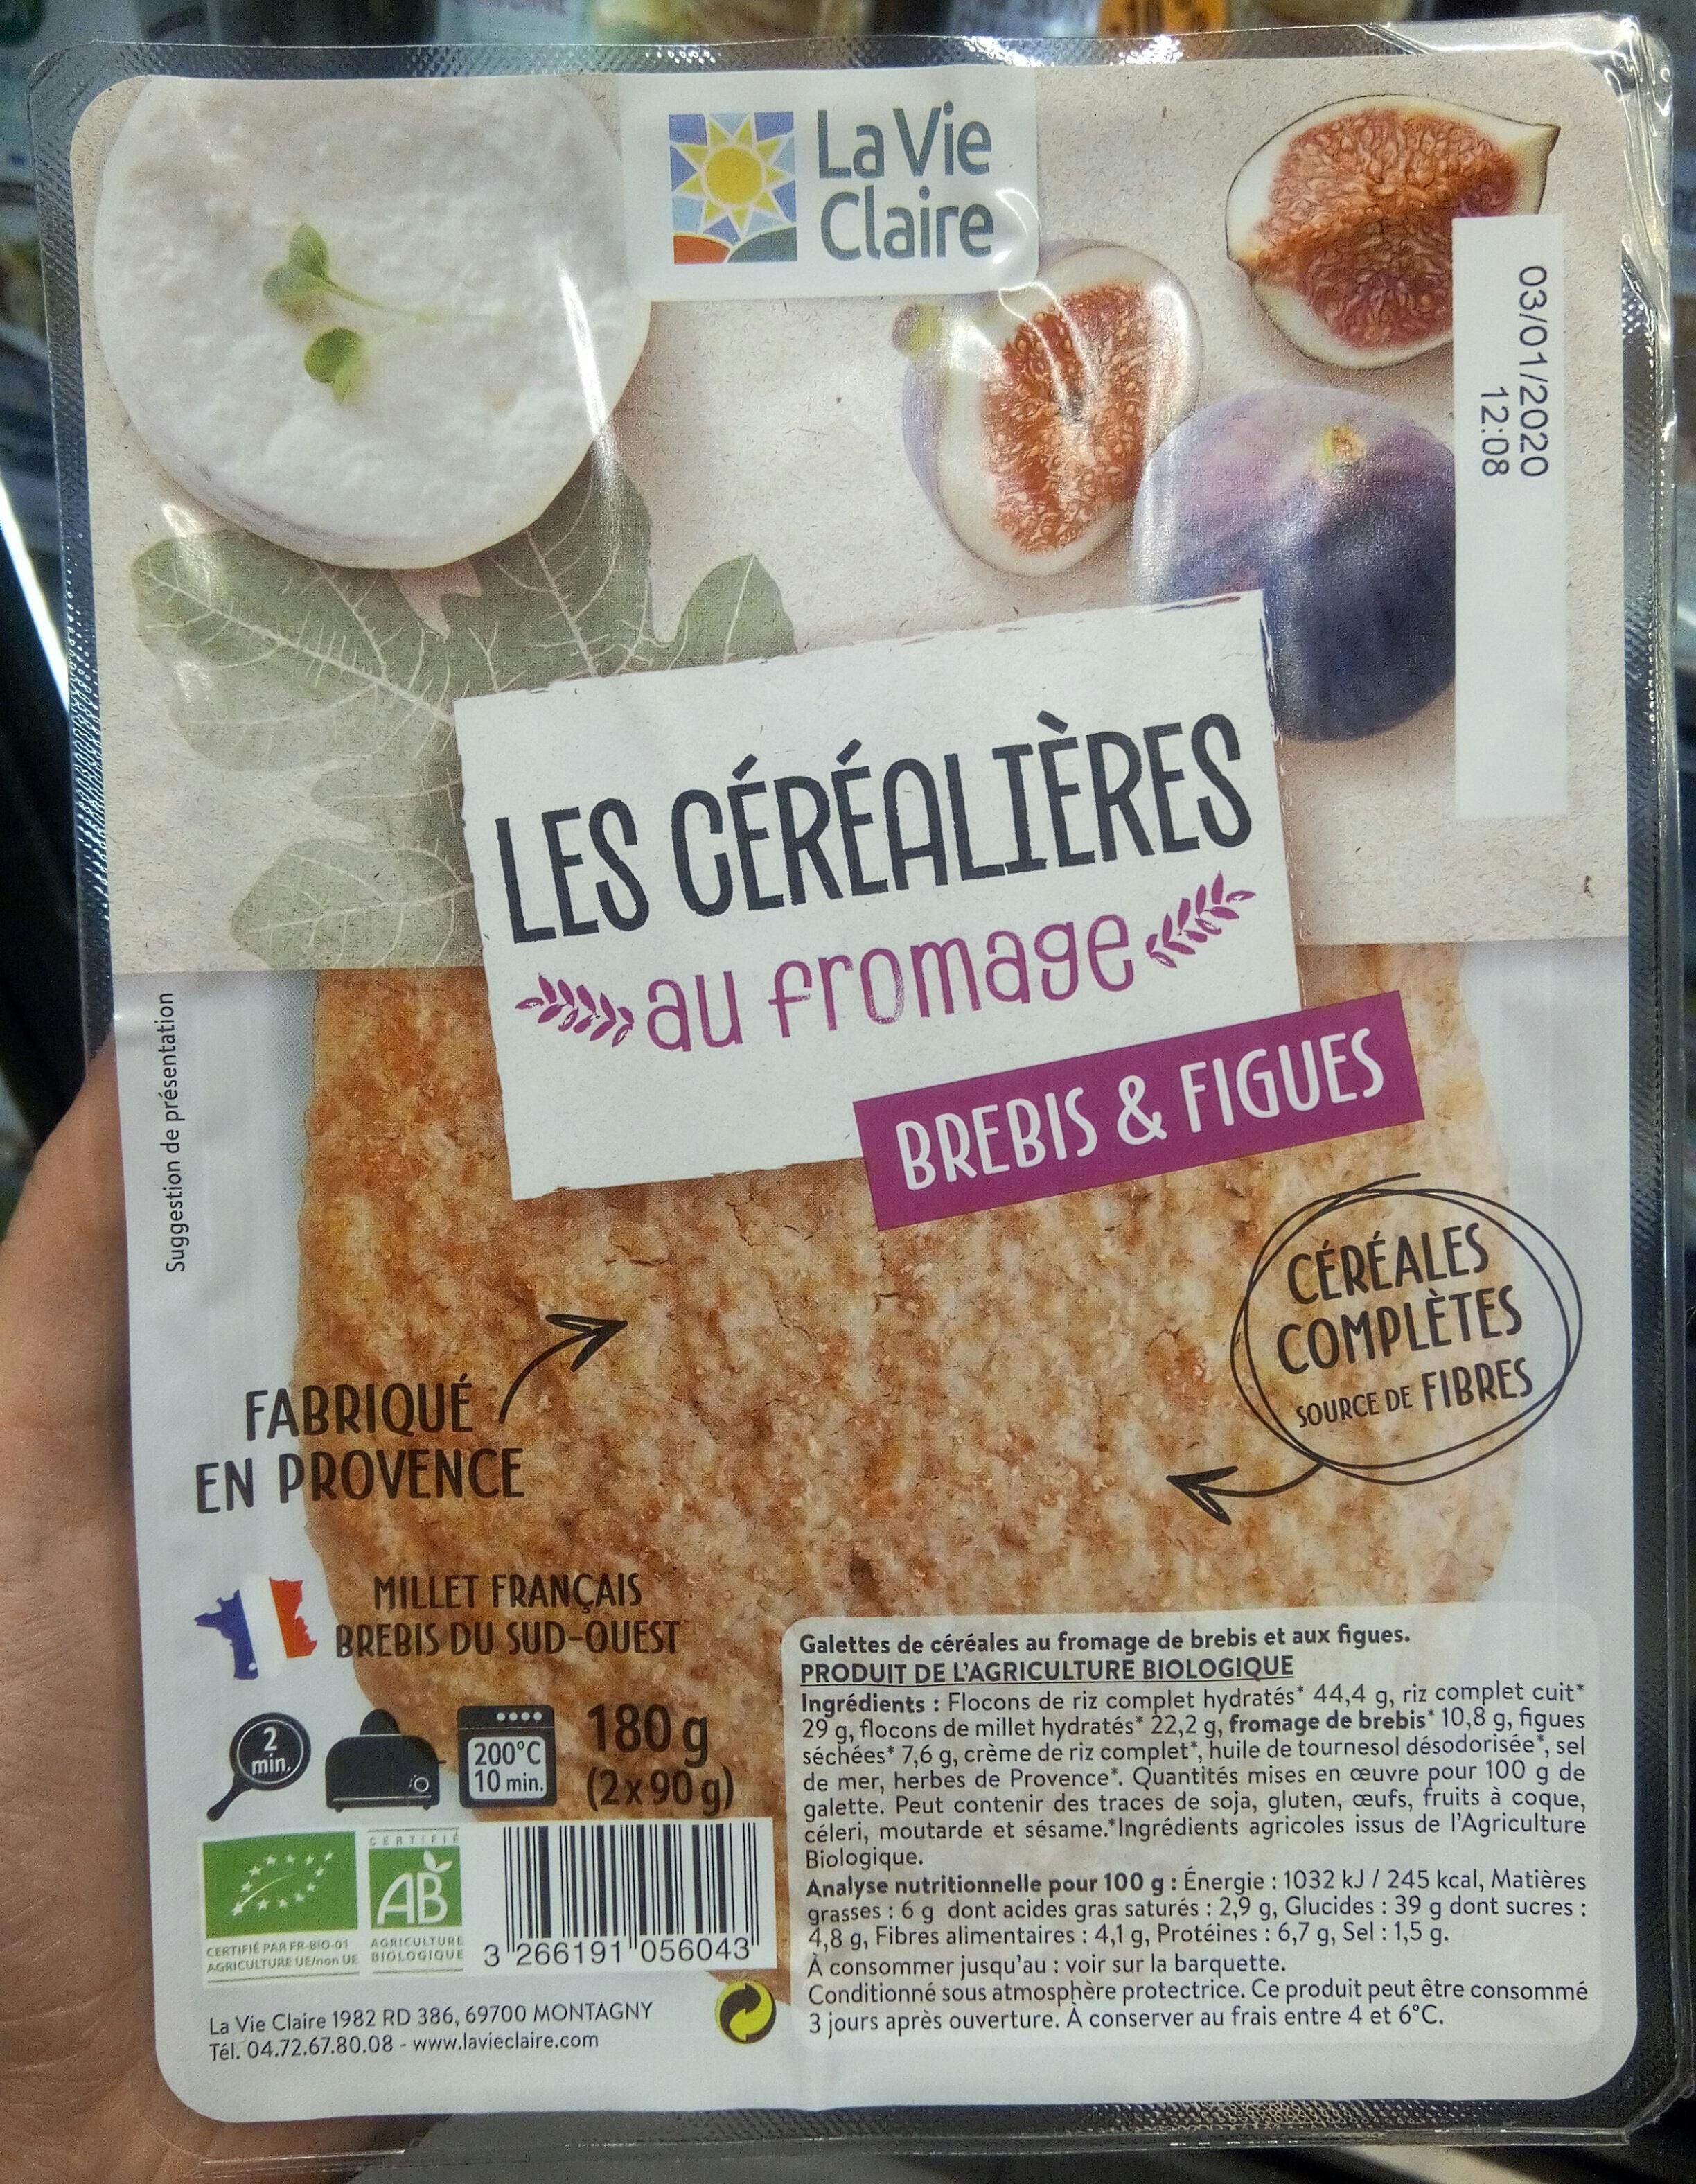 2 Galettes de Céréales Brebis & Figues Prêtes à déguster - Product - fr